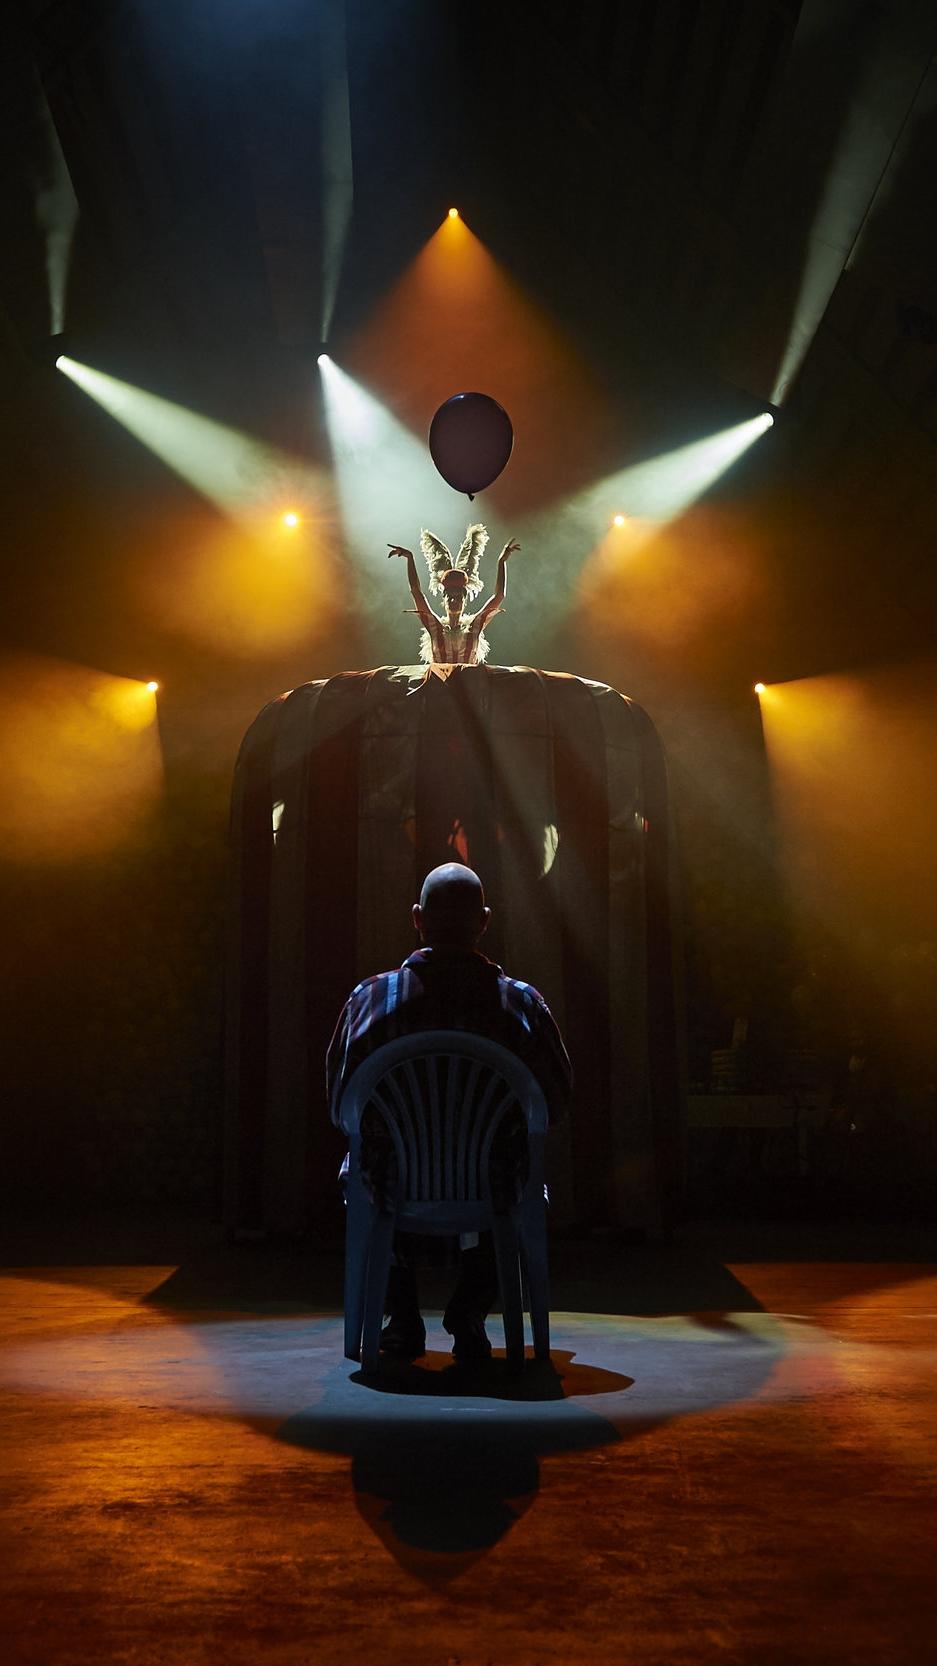 Rekvisit- og Microportansvarlig, Teaterkoncerten CARL, Østre Gasværk og Bramstrup Gods (2016)